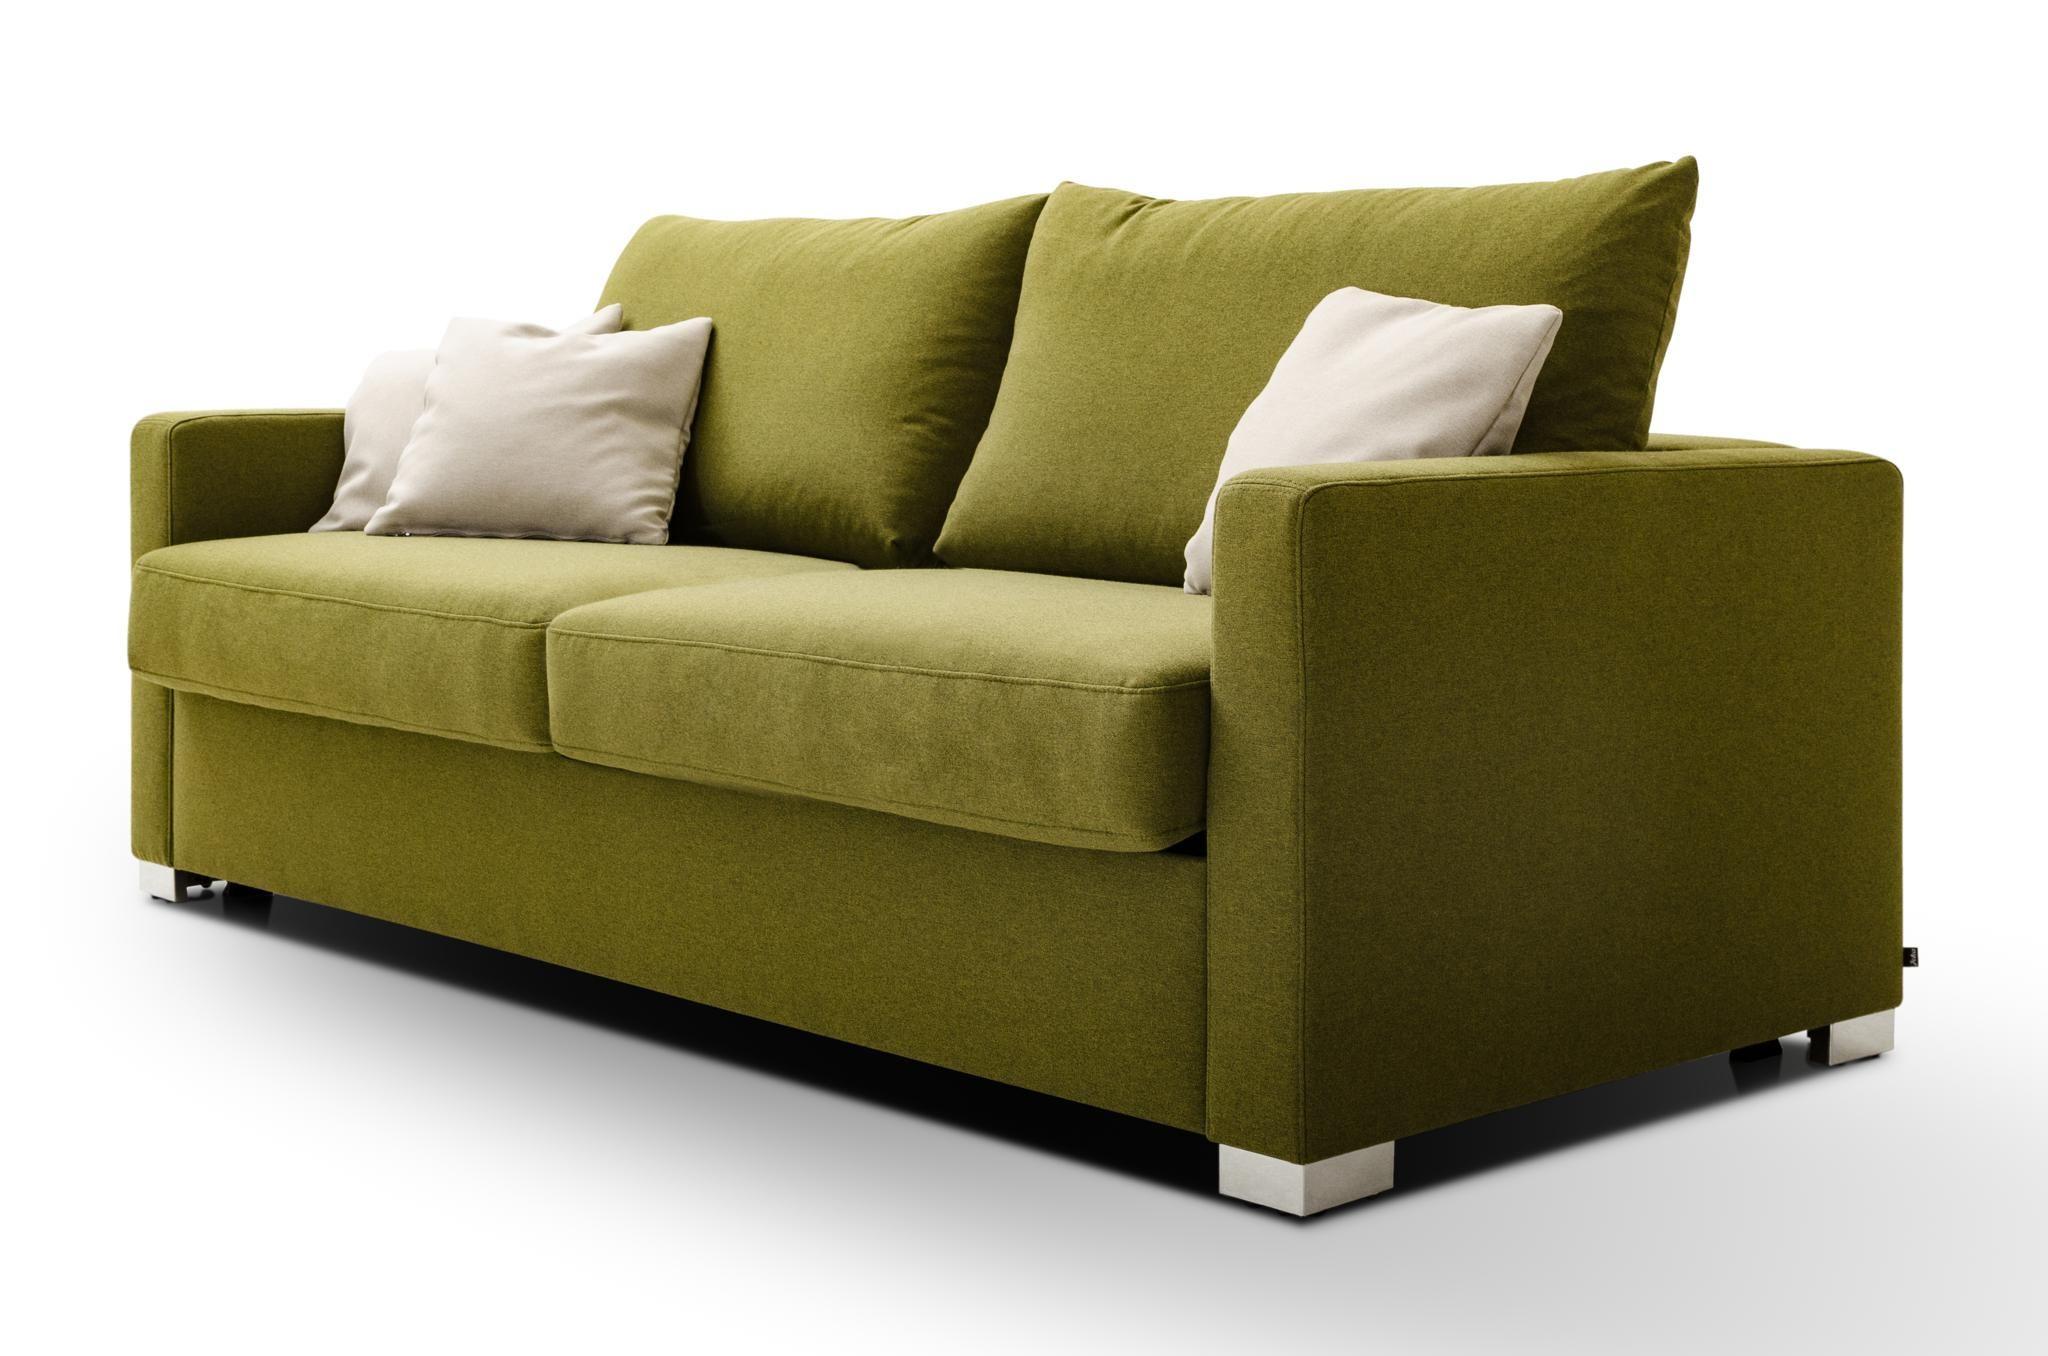 Doppelcouch Joka Delizia 728 Sitzen Sitzgarnitur Couch